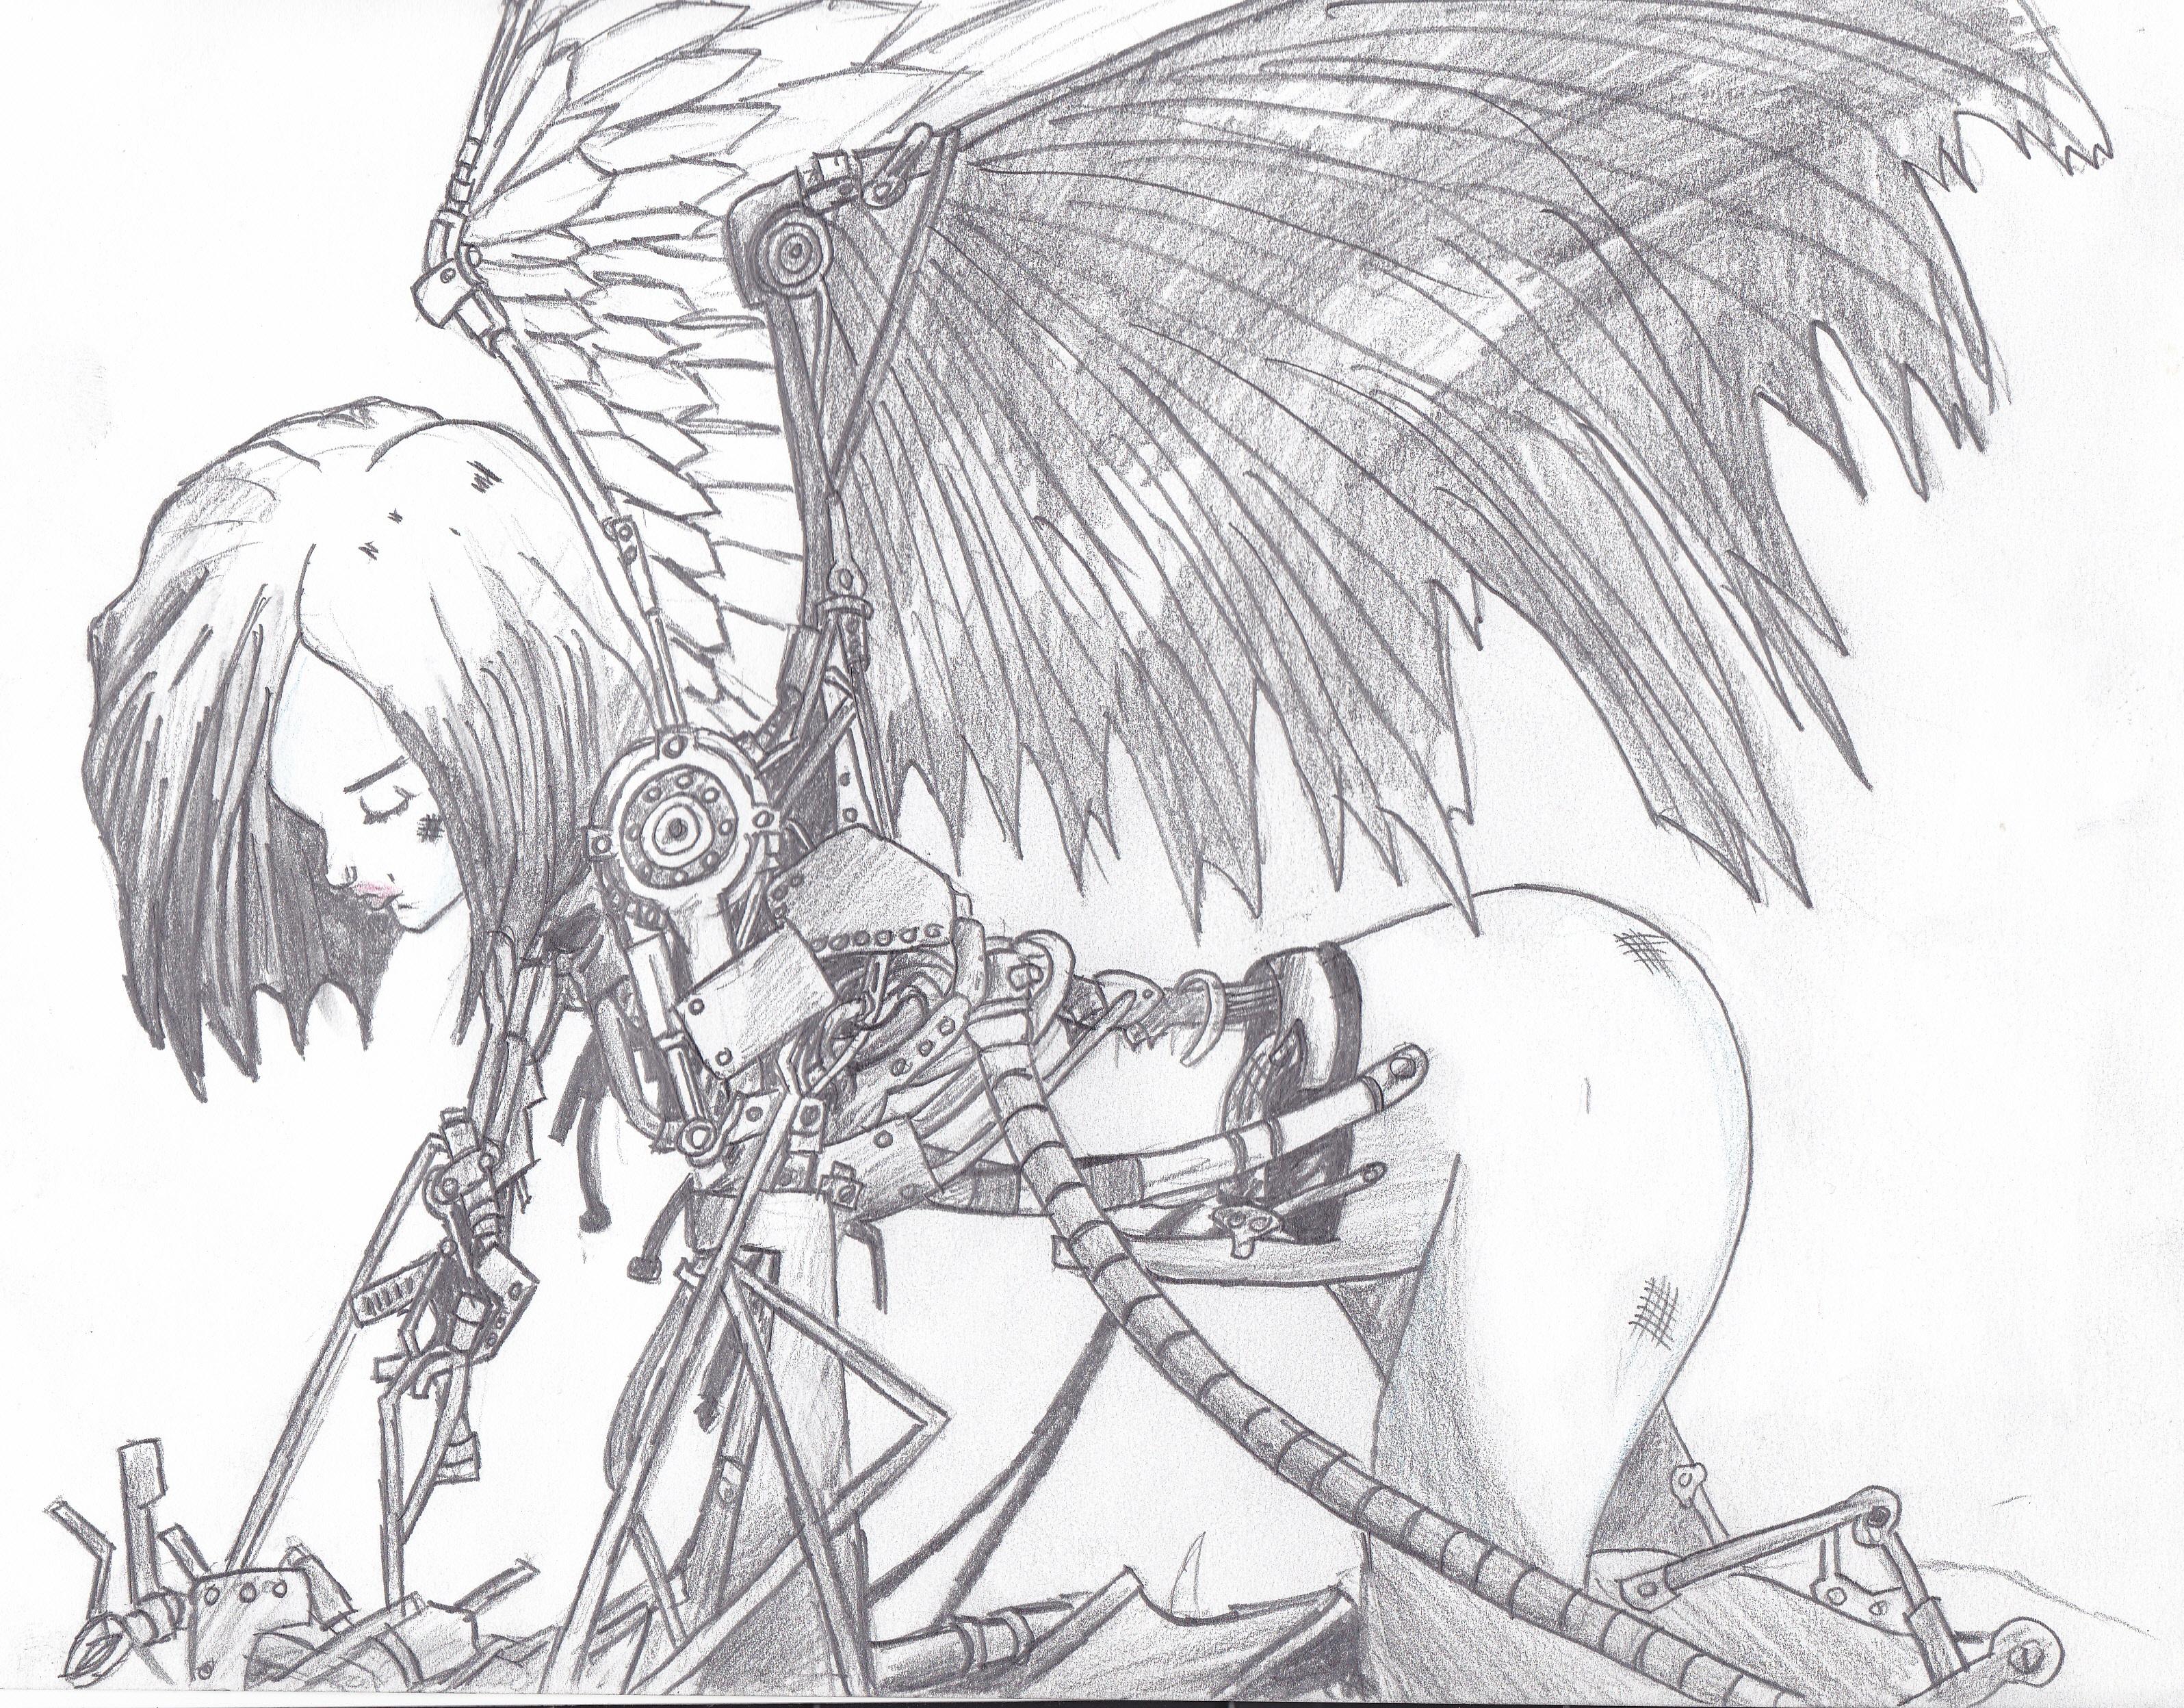 3192x2496 Awesome Free Printable Battle Angel Alita Anime Manga Coloring